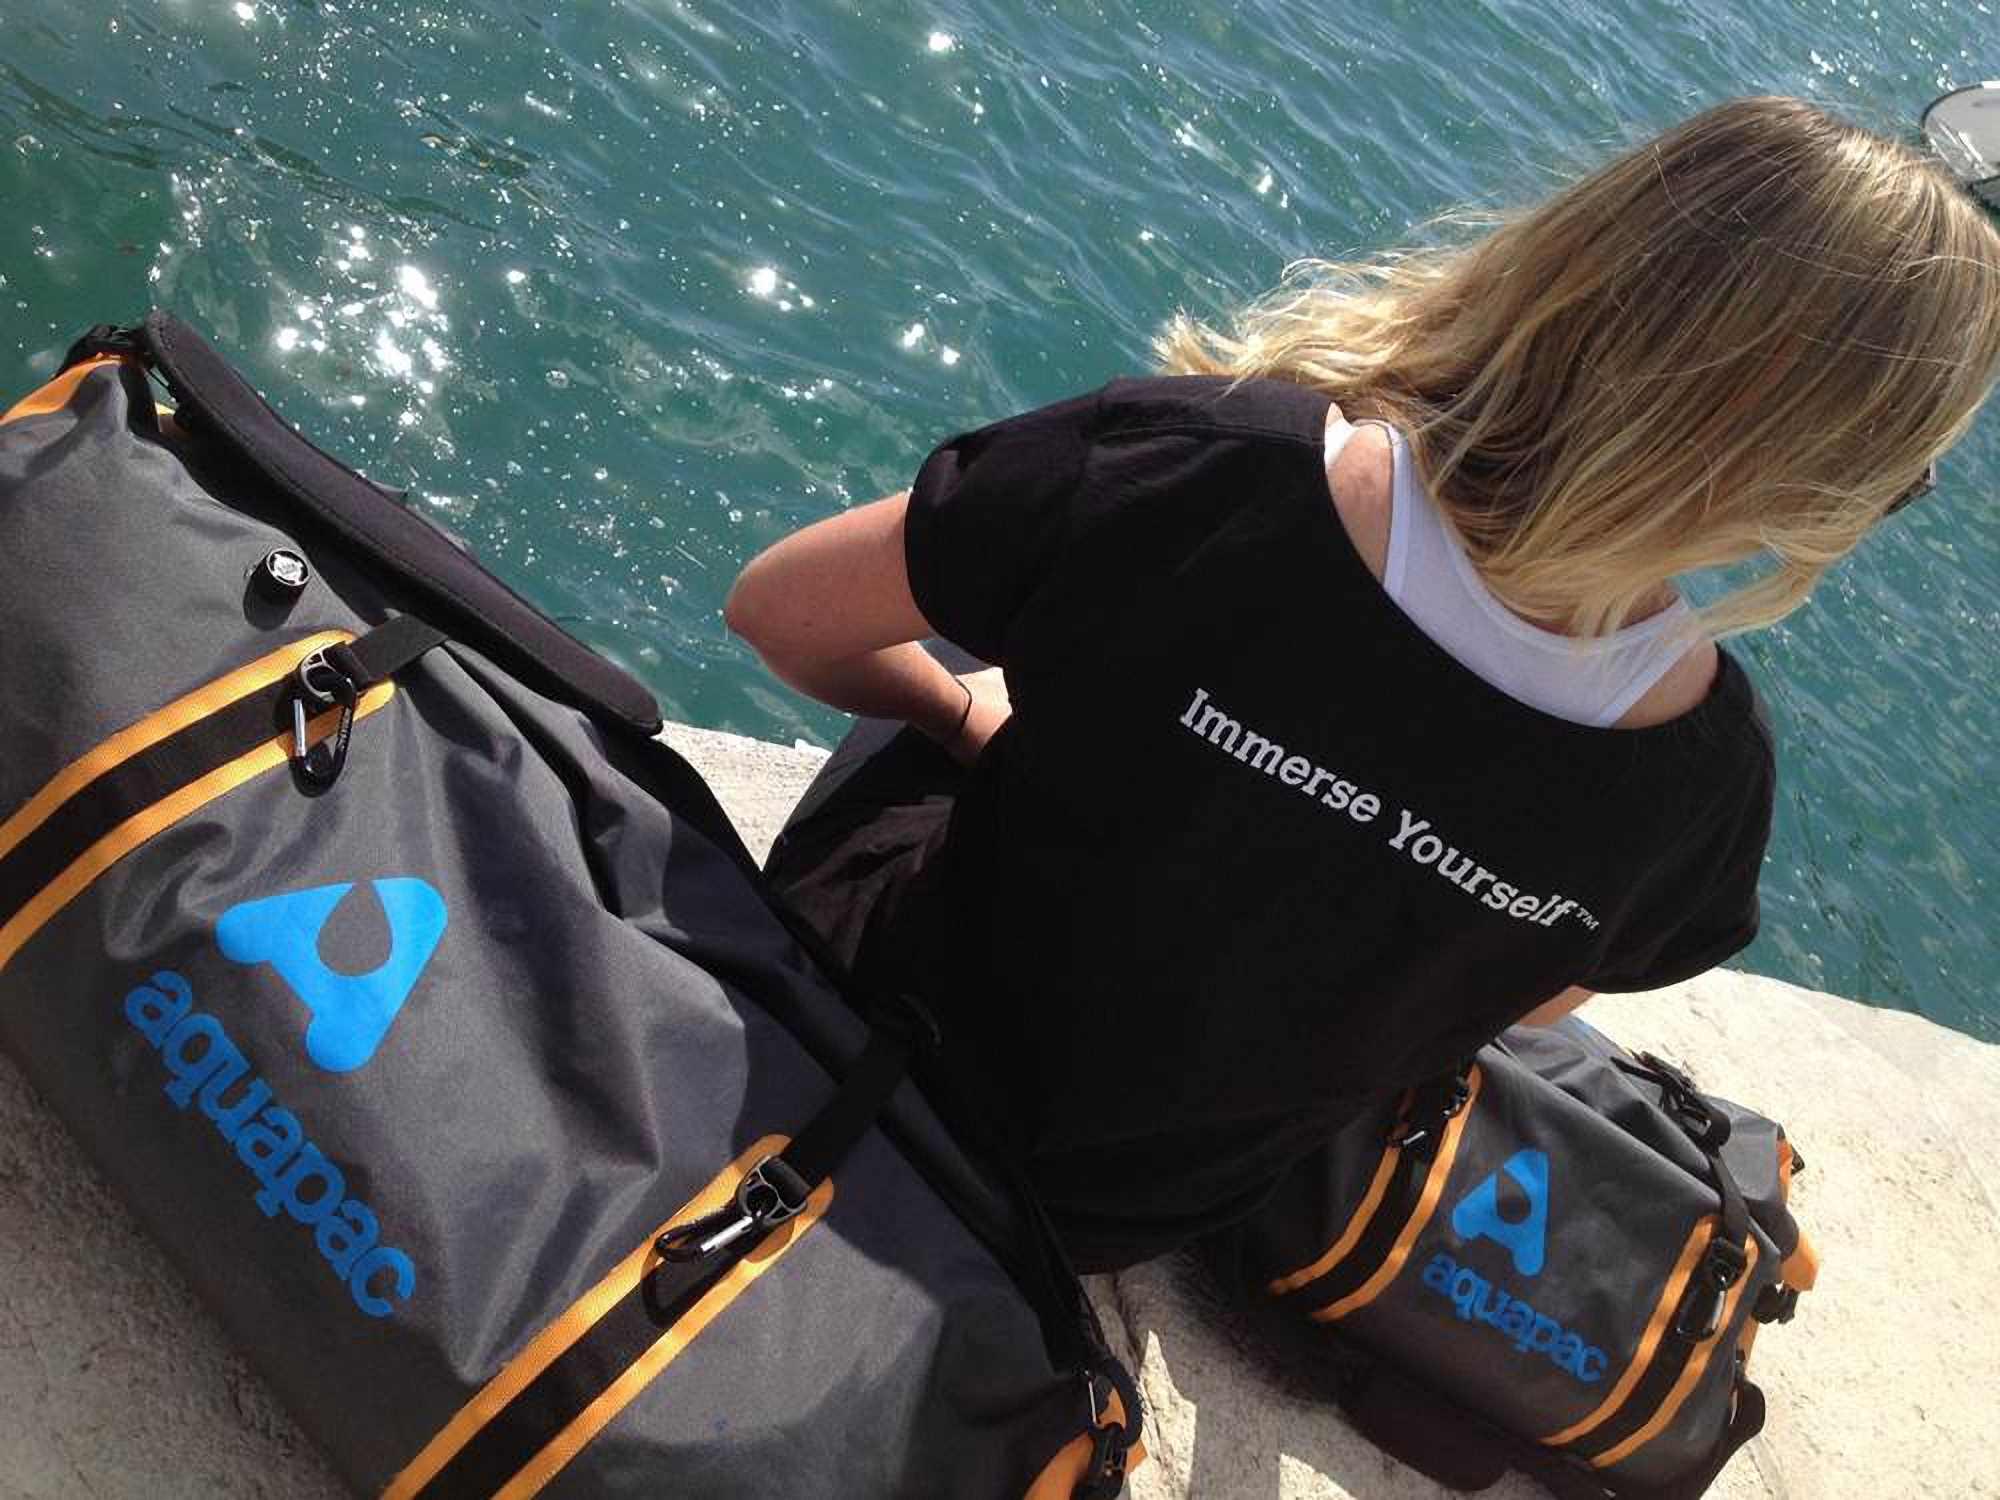 Водонепроницаемая сумка-рюкзак Aquapac 705 - Upano Waterproof Duffel - 90L.. Aquapac - №1 в мире водонепроницаемых чехлов и сумок. Фото 11